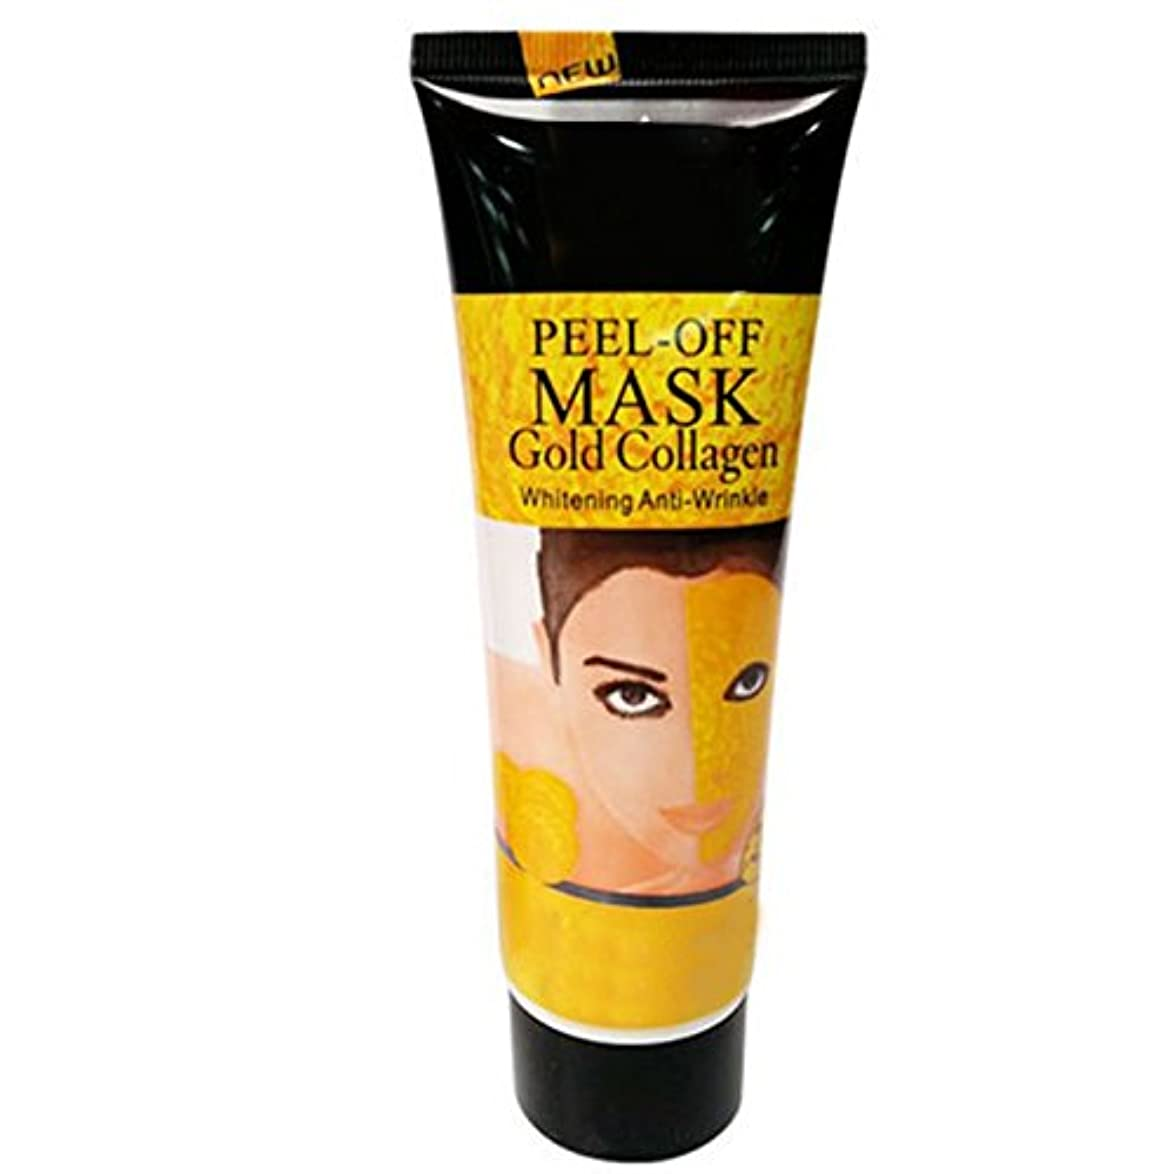 オリエンテーションホイストギャングFunwill 24Kゴールドマスク ゴールドコラーゲンパック アンチエイジングパック スキンケアマスク しわ、黒ずみ、しみなどを除き たるみ肌改善 くすみ改善 しっかりしている肌に戻る